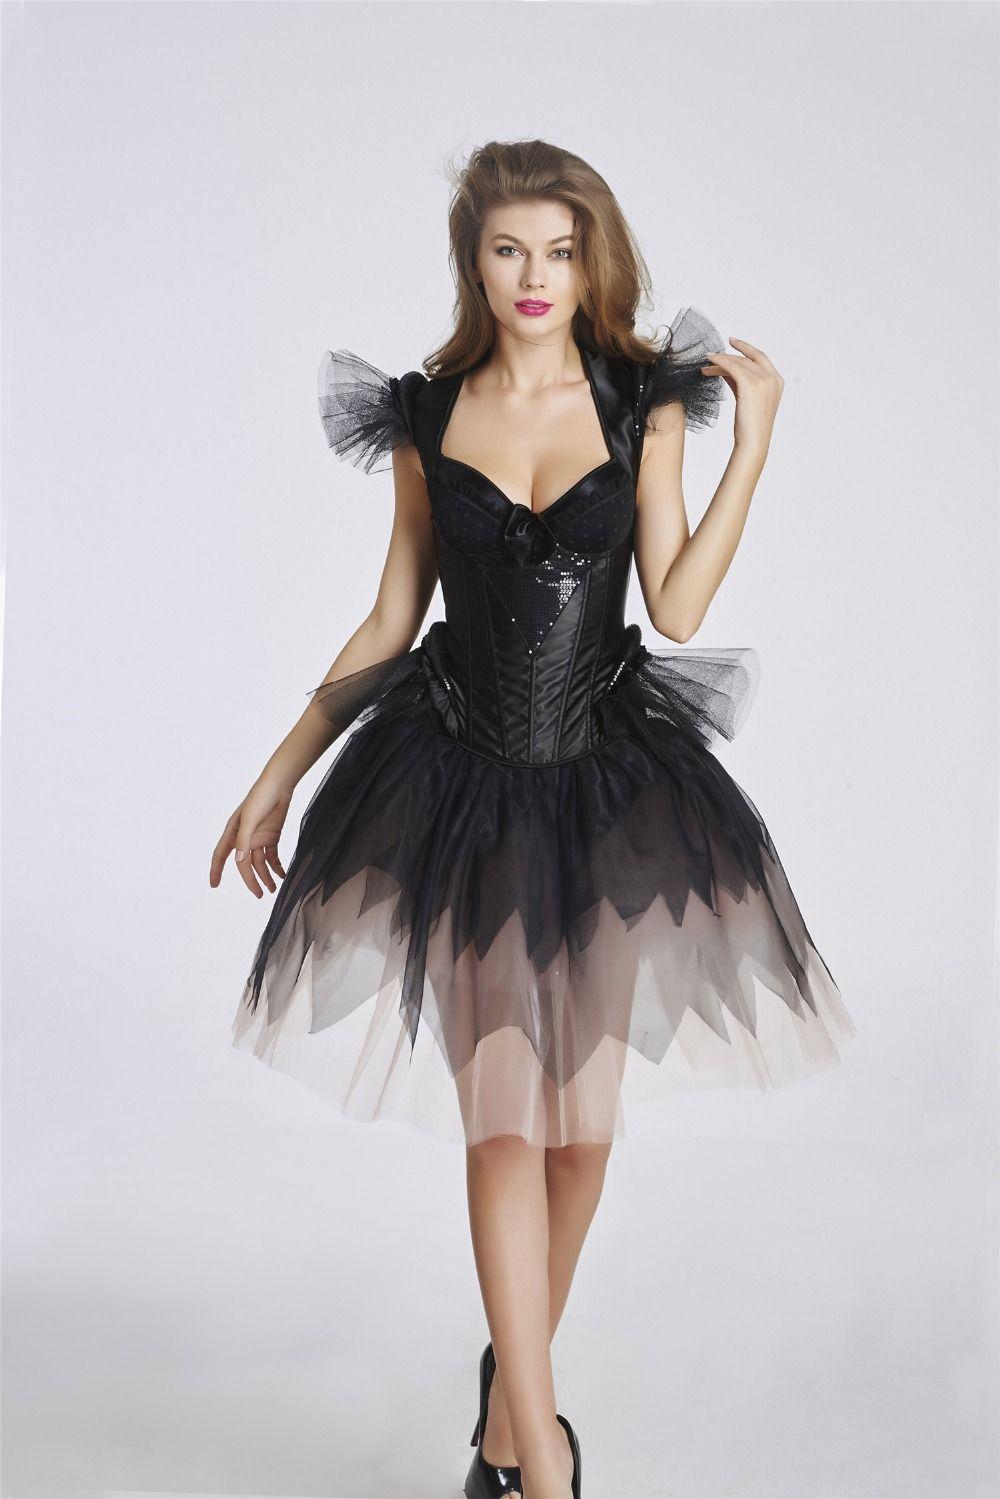 4c0ed49c4de3a free shipping BLACK SWAN BALLERINA ADULT WOMENS FANCY DRESS ...